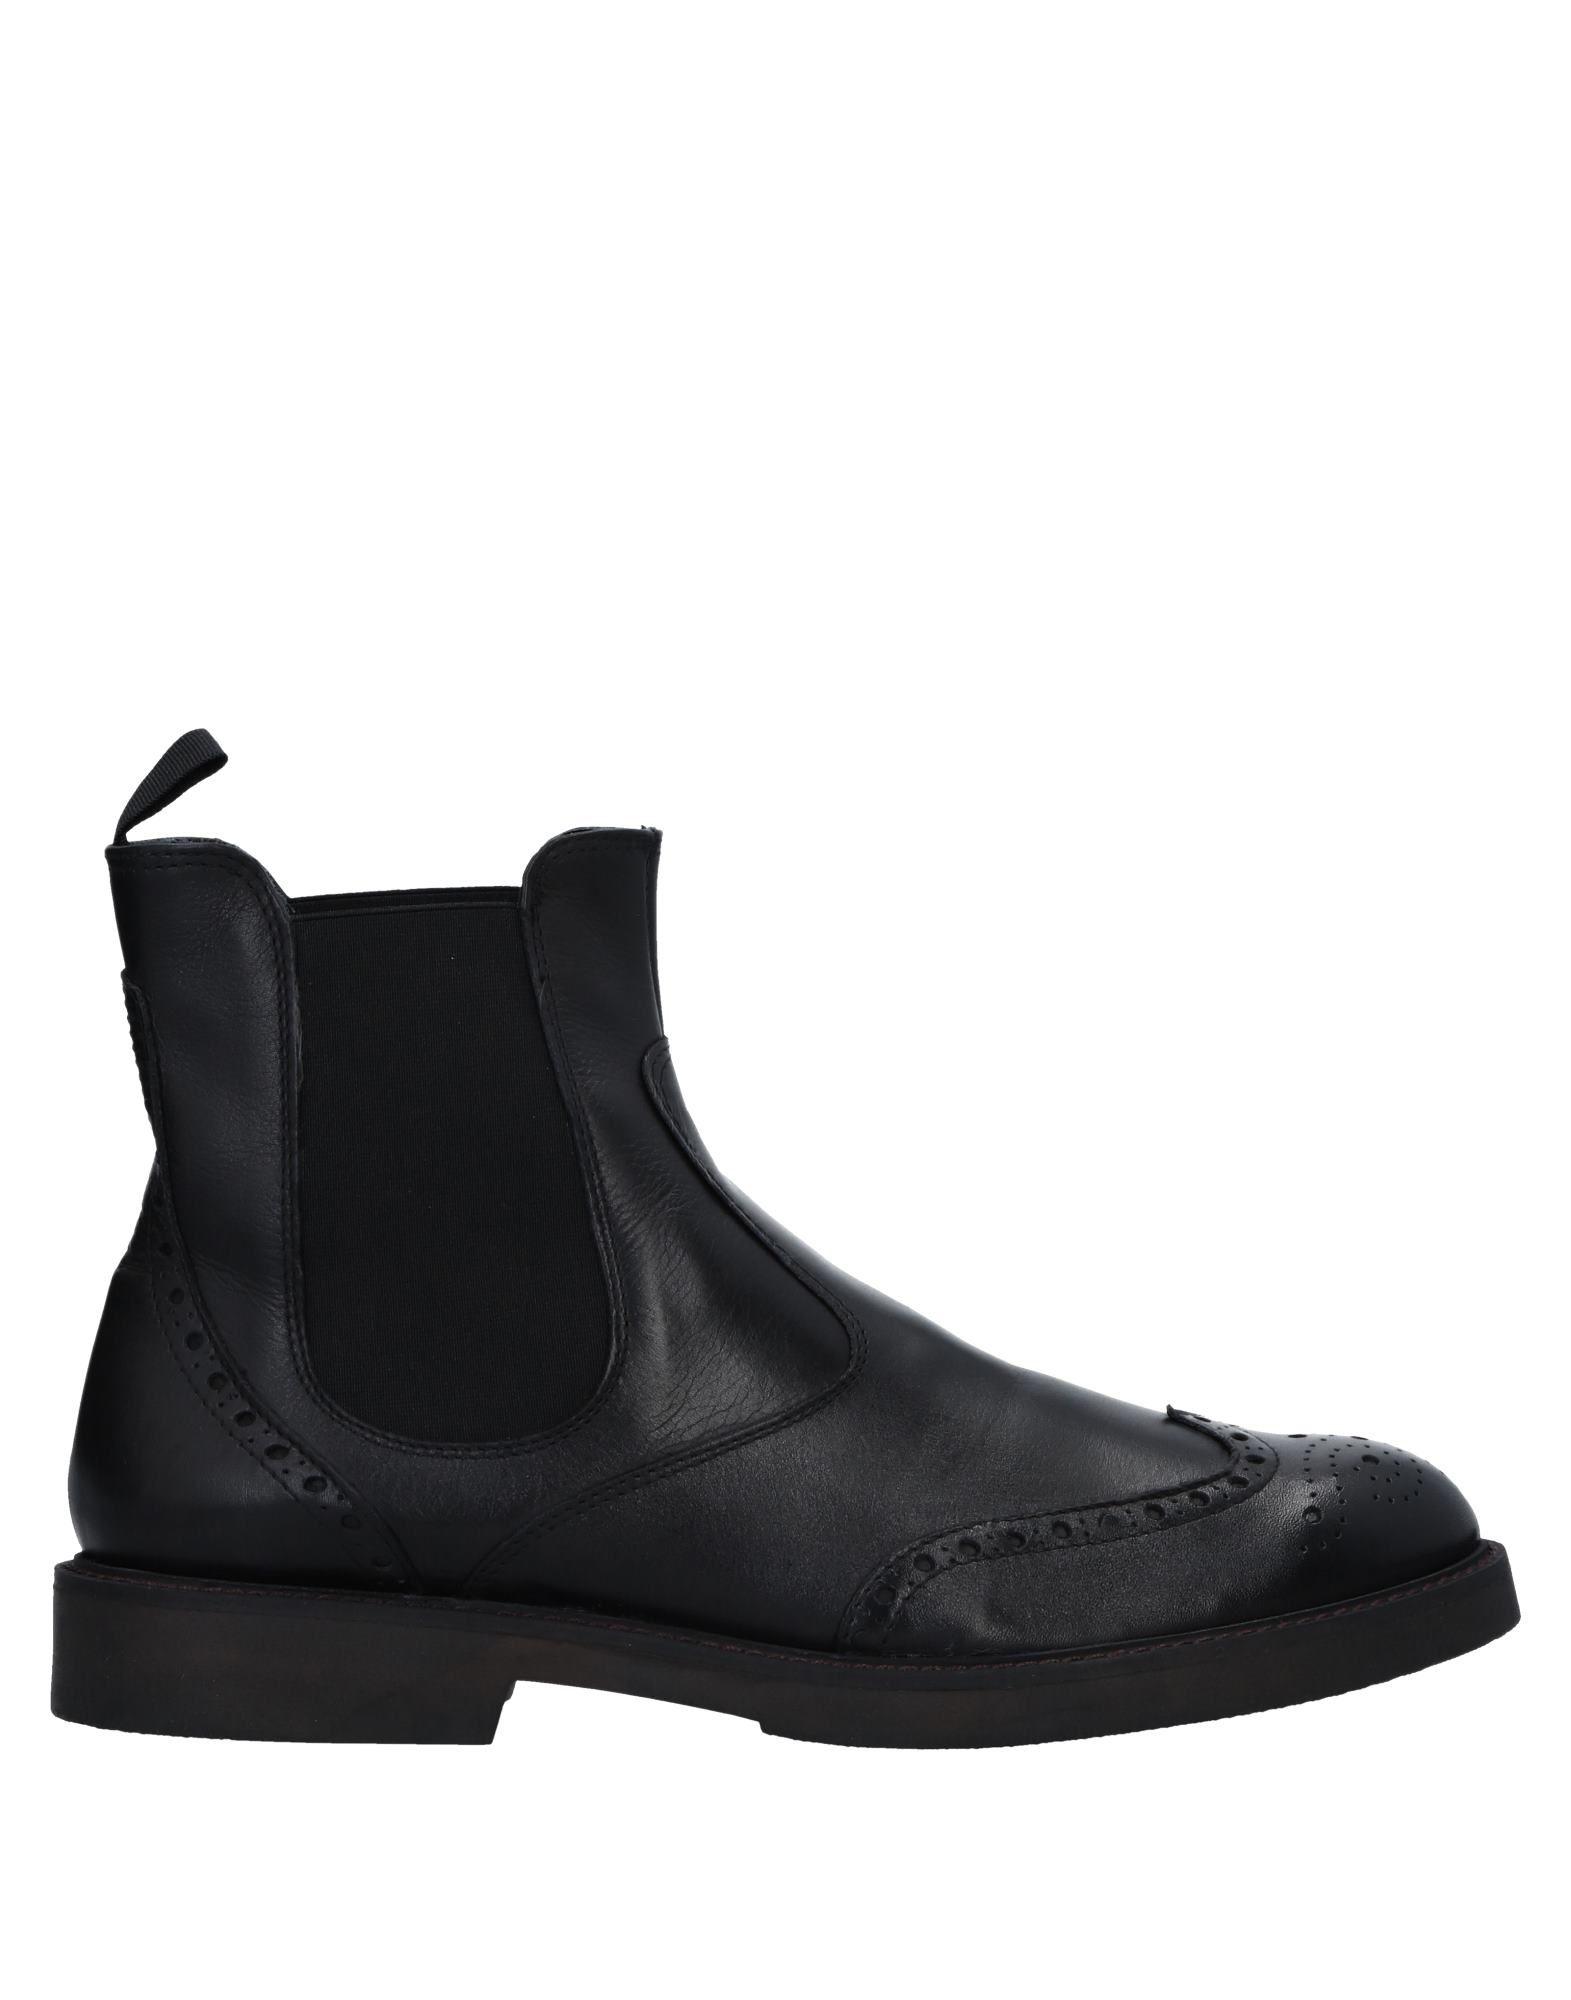 Rabatt  echte Schuhe Angelo Pallotta Stiefelette Herren  Rabatt 11532048PB 7693be